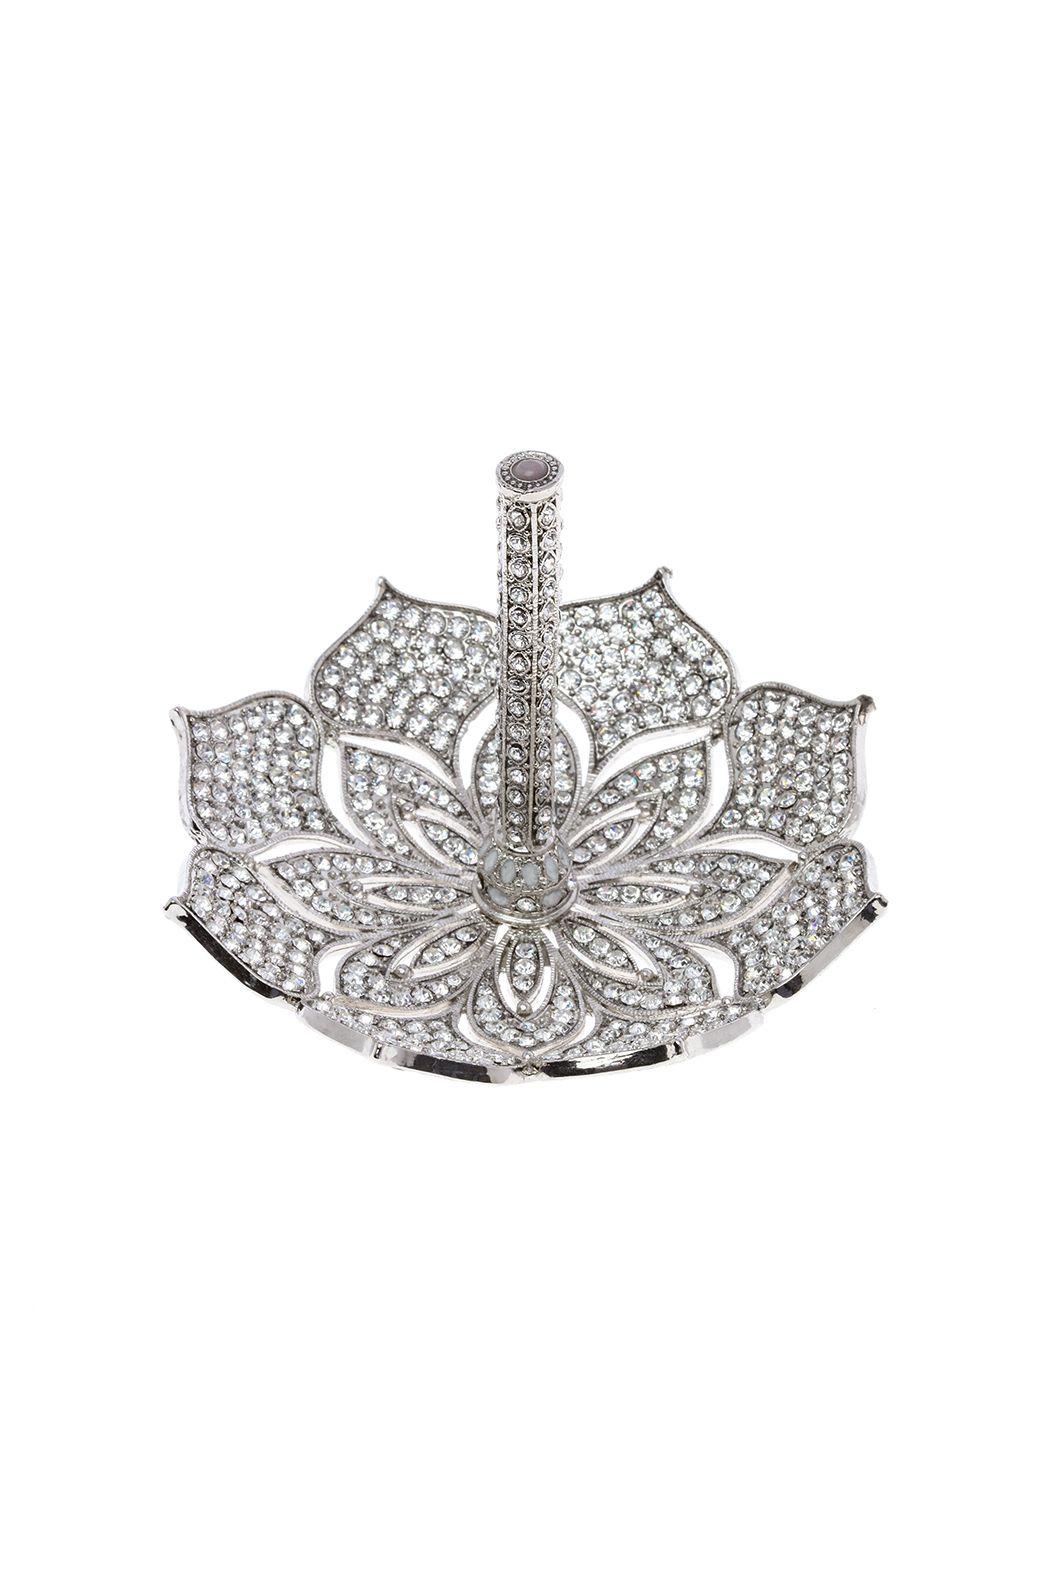 Olivia Riegel Windsor Ring Holder | Shoptiques Boutique ...